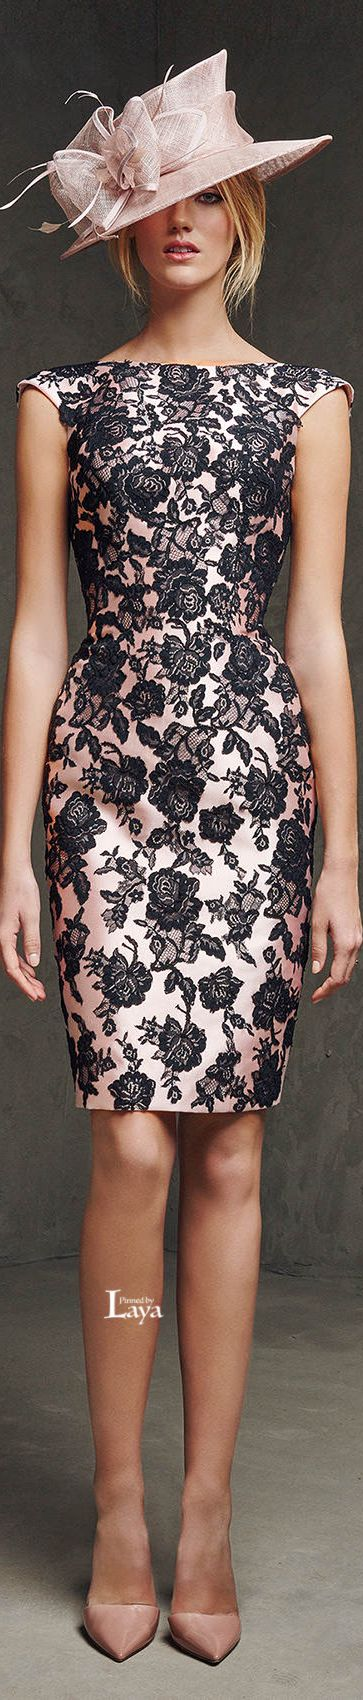 Pronovias 2016 Cocktail Dresses. Para saberem mais detalhes sobre onde encontrar esse vestido, entrem no site: Pronovias coleção 2016 . E escolha a loja mais próxima.